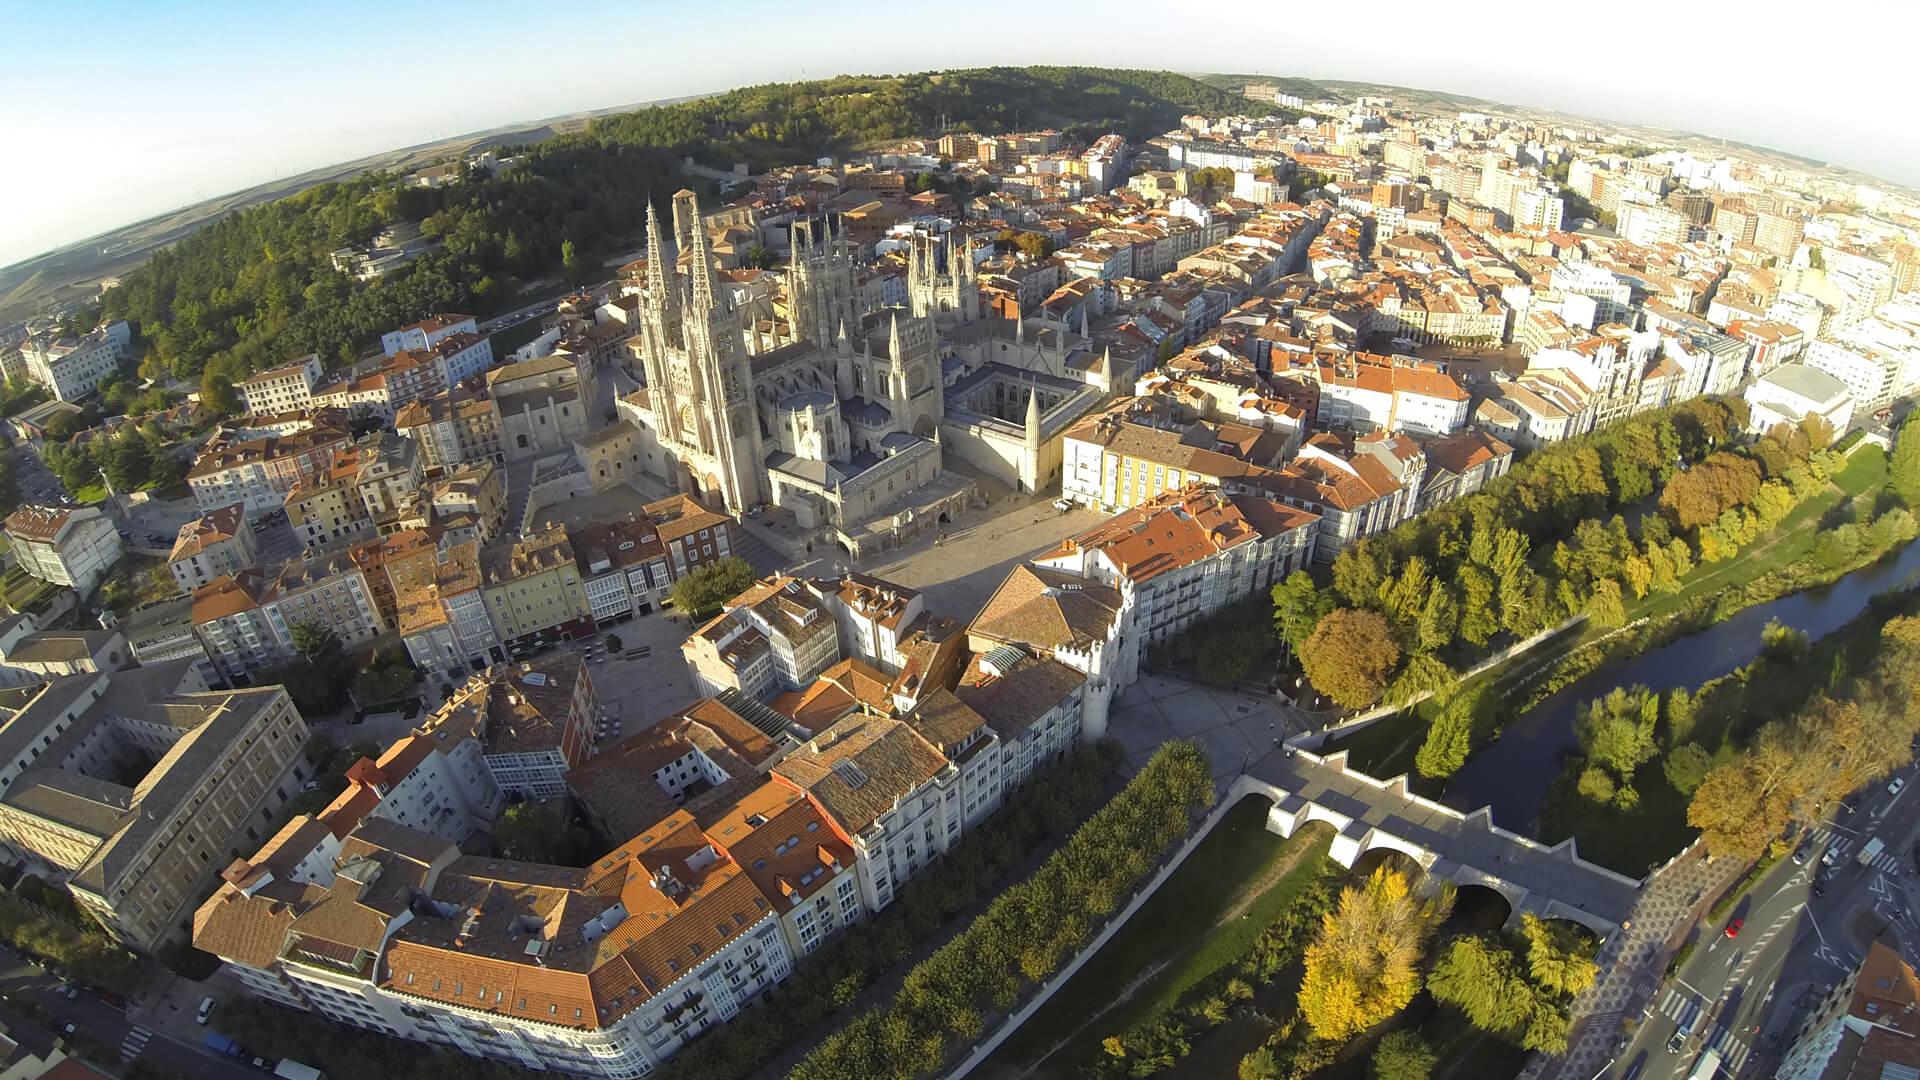 Ciudad de Burgos PREMIO DE POESÍA CIUDAD DE BURGOS - BURCIUDAD 01 - XLIII PREMIO DE POESÍA CIUDAD DE BURGOS 2016